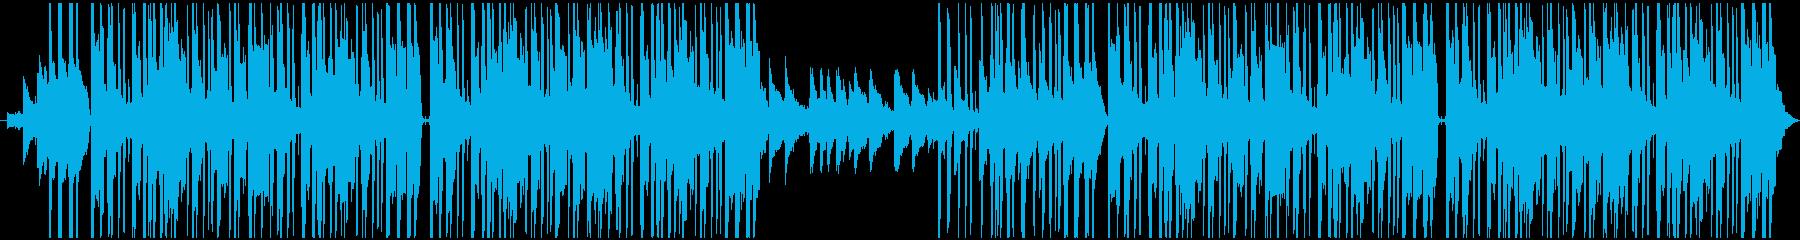 アーバンミュージックを打ち負かすの再生済みの波形